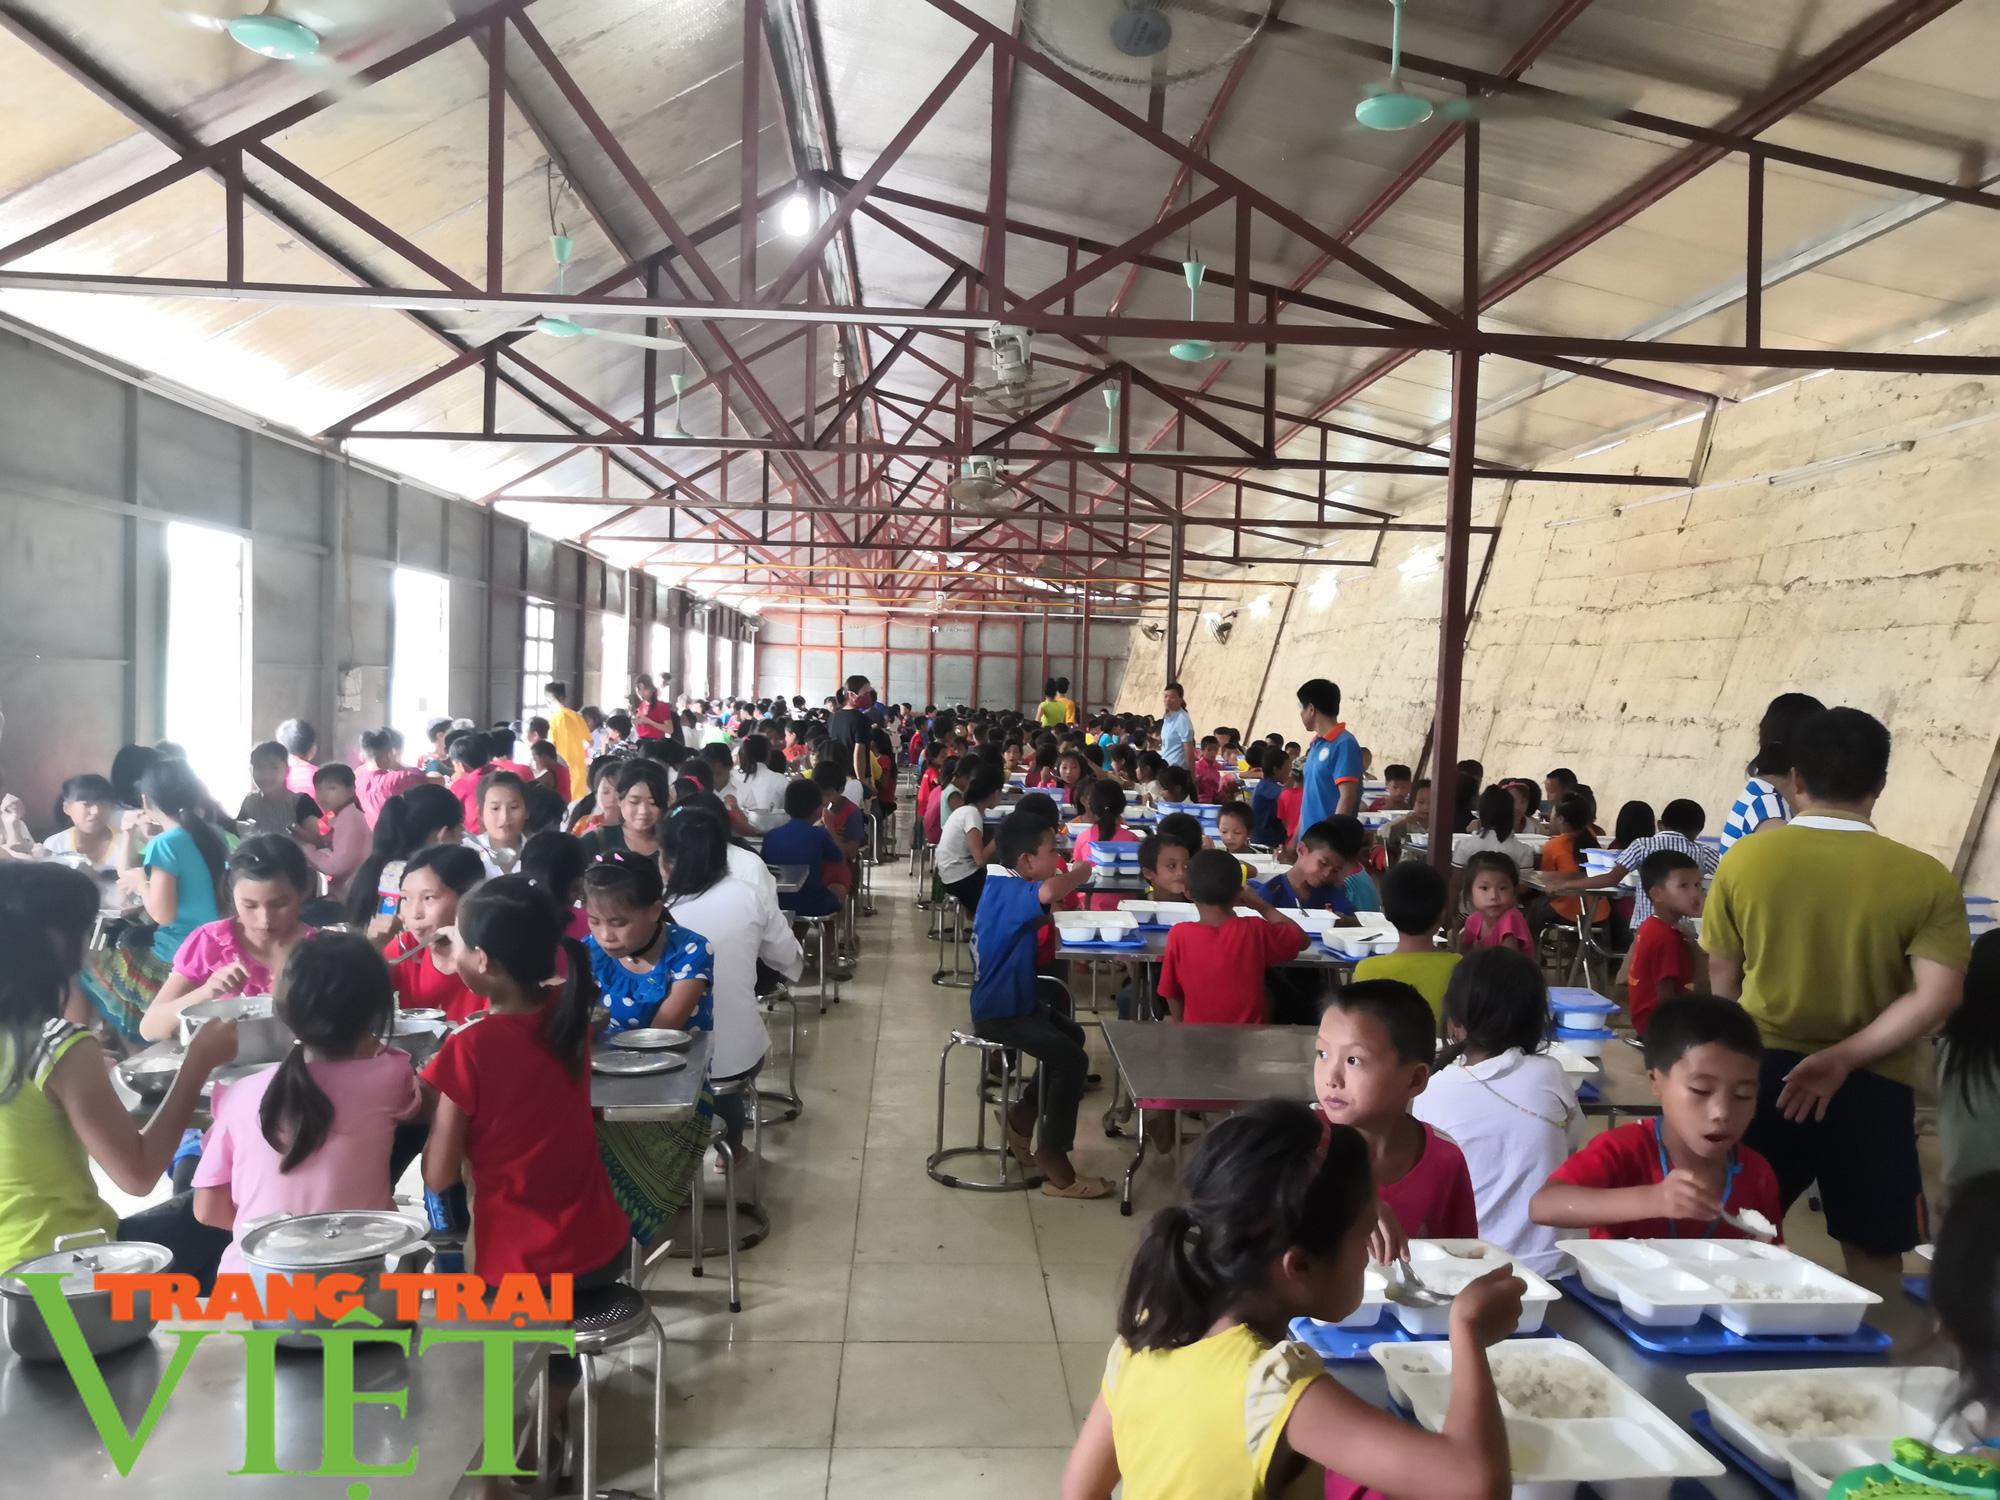 Học sinh, sinh viên nghỉ học Điện Biên nghỉ Tết sớm để tránh Covid-19 - Ảnh 1.